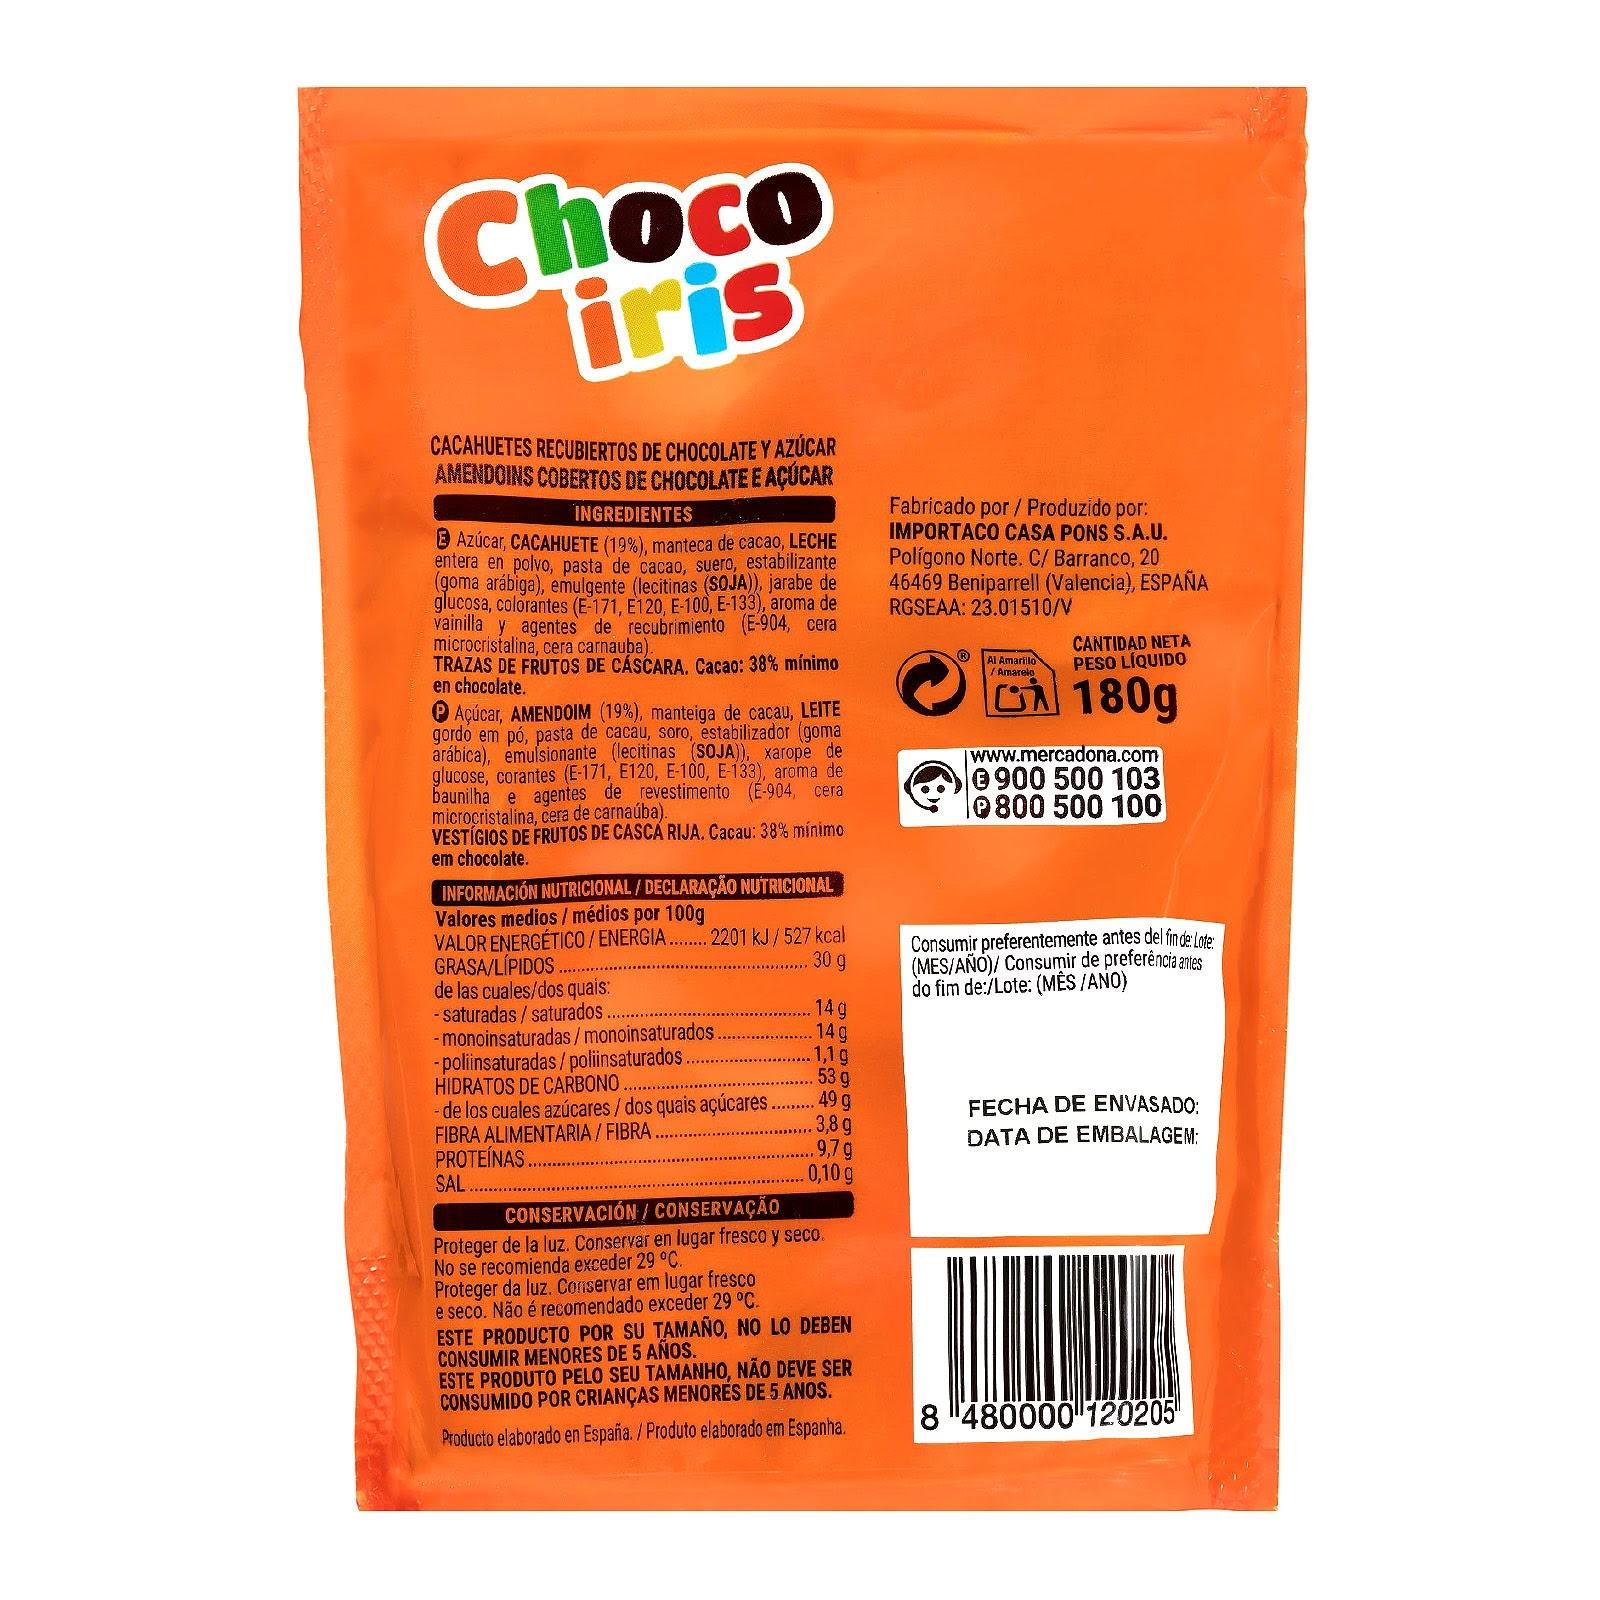 Cacahuetes recubiertos de chocolate y azúcar Chocoiris Hacendado